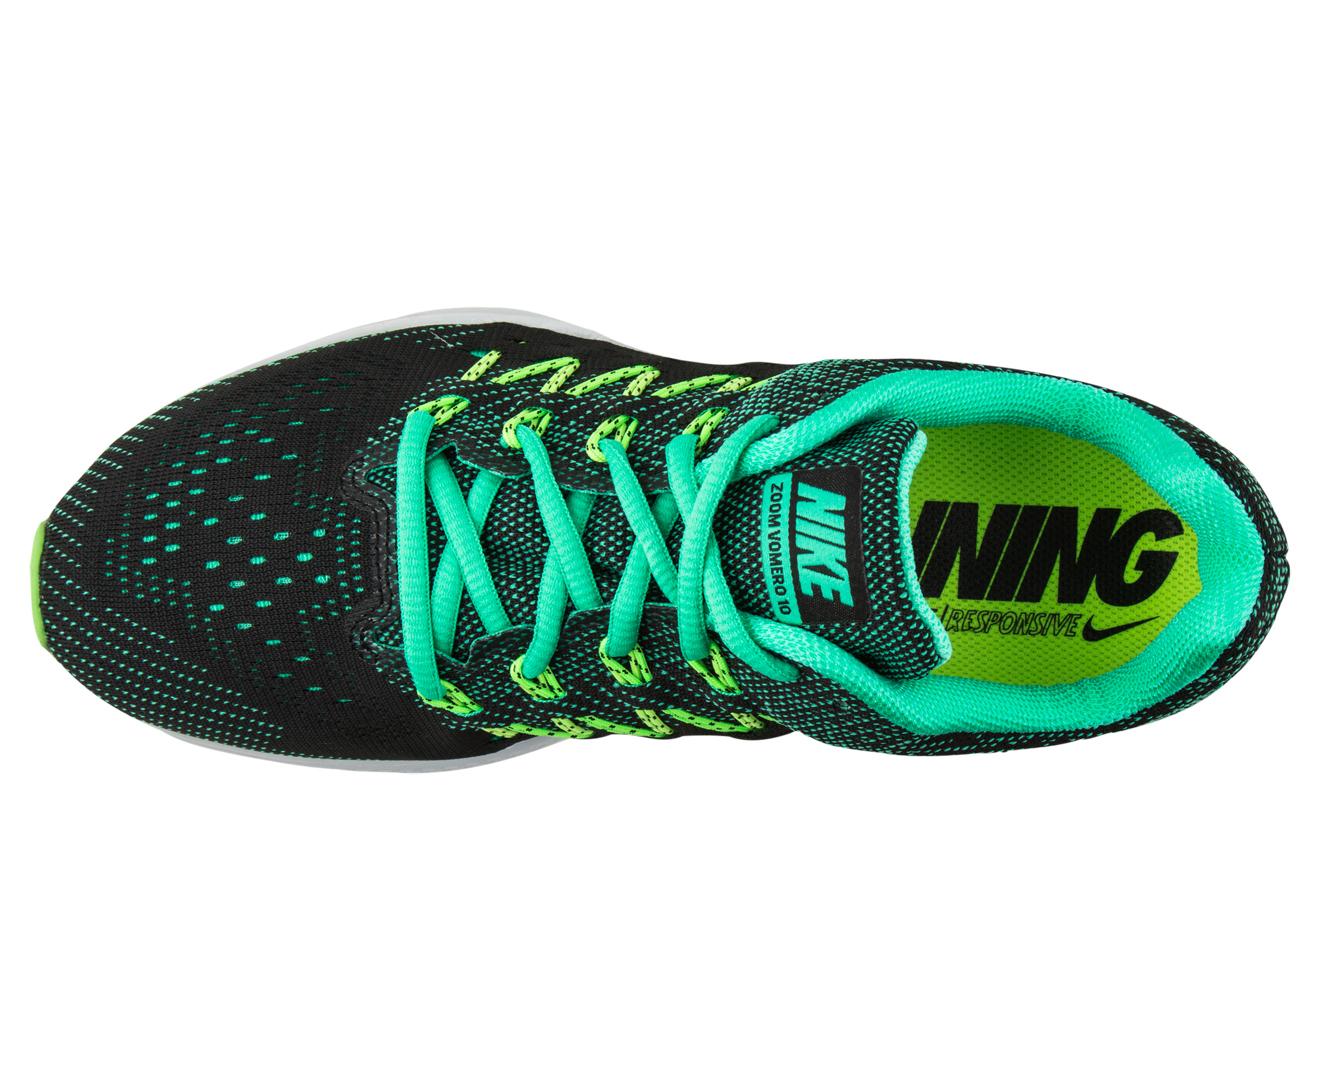 Nike Mens Zoom Air Vomero 10 Fantôme Capturé résistant à l'usure à vendre Footlocker à vendre Finishline fCSgWPYS